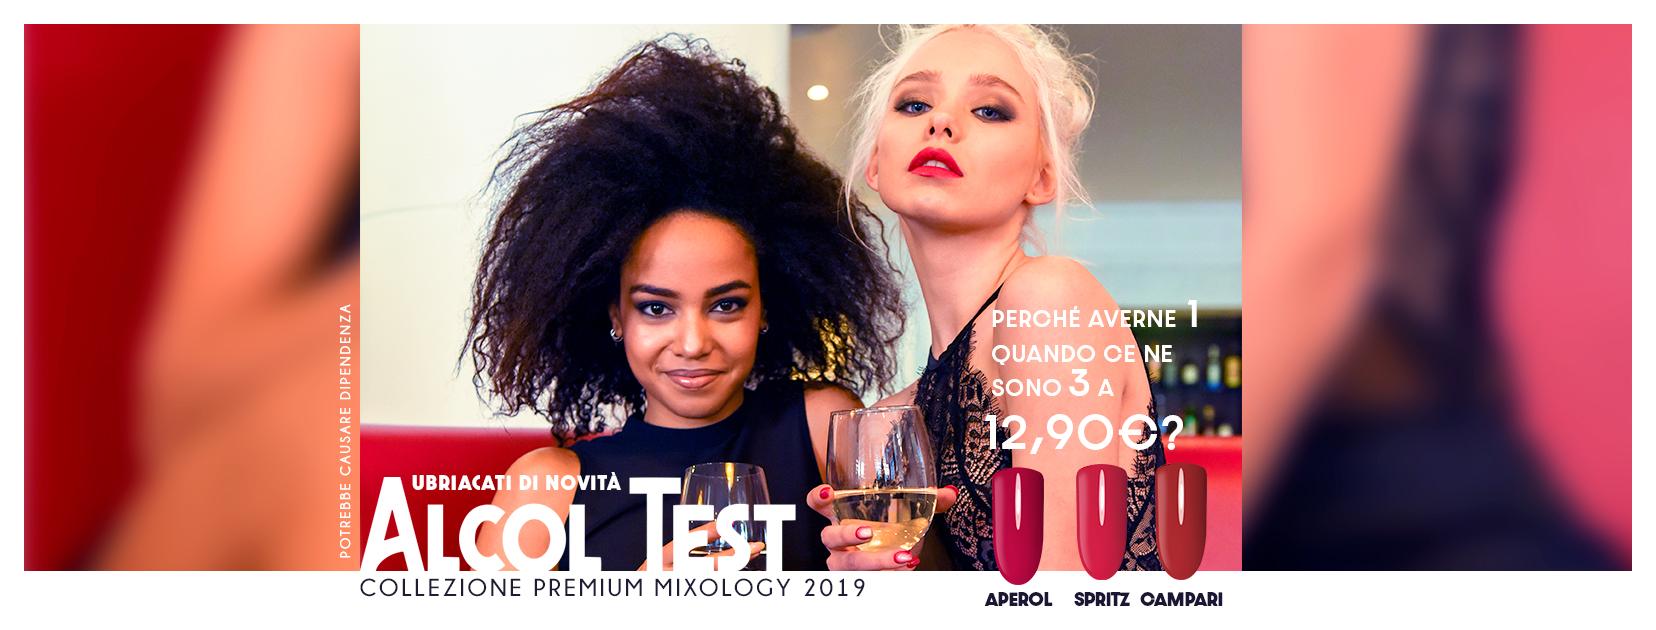 Come è nata la collezione ALCOL TEST